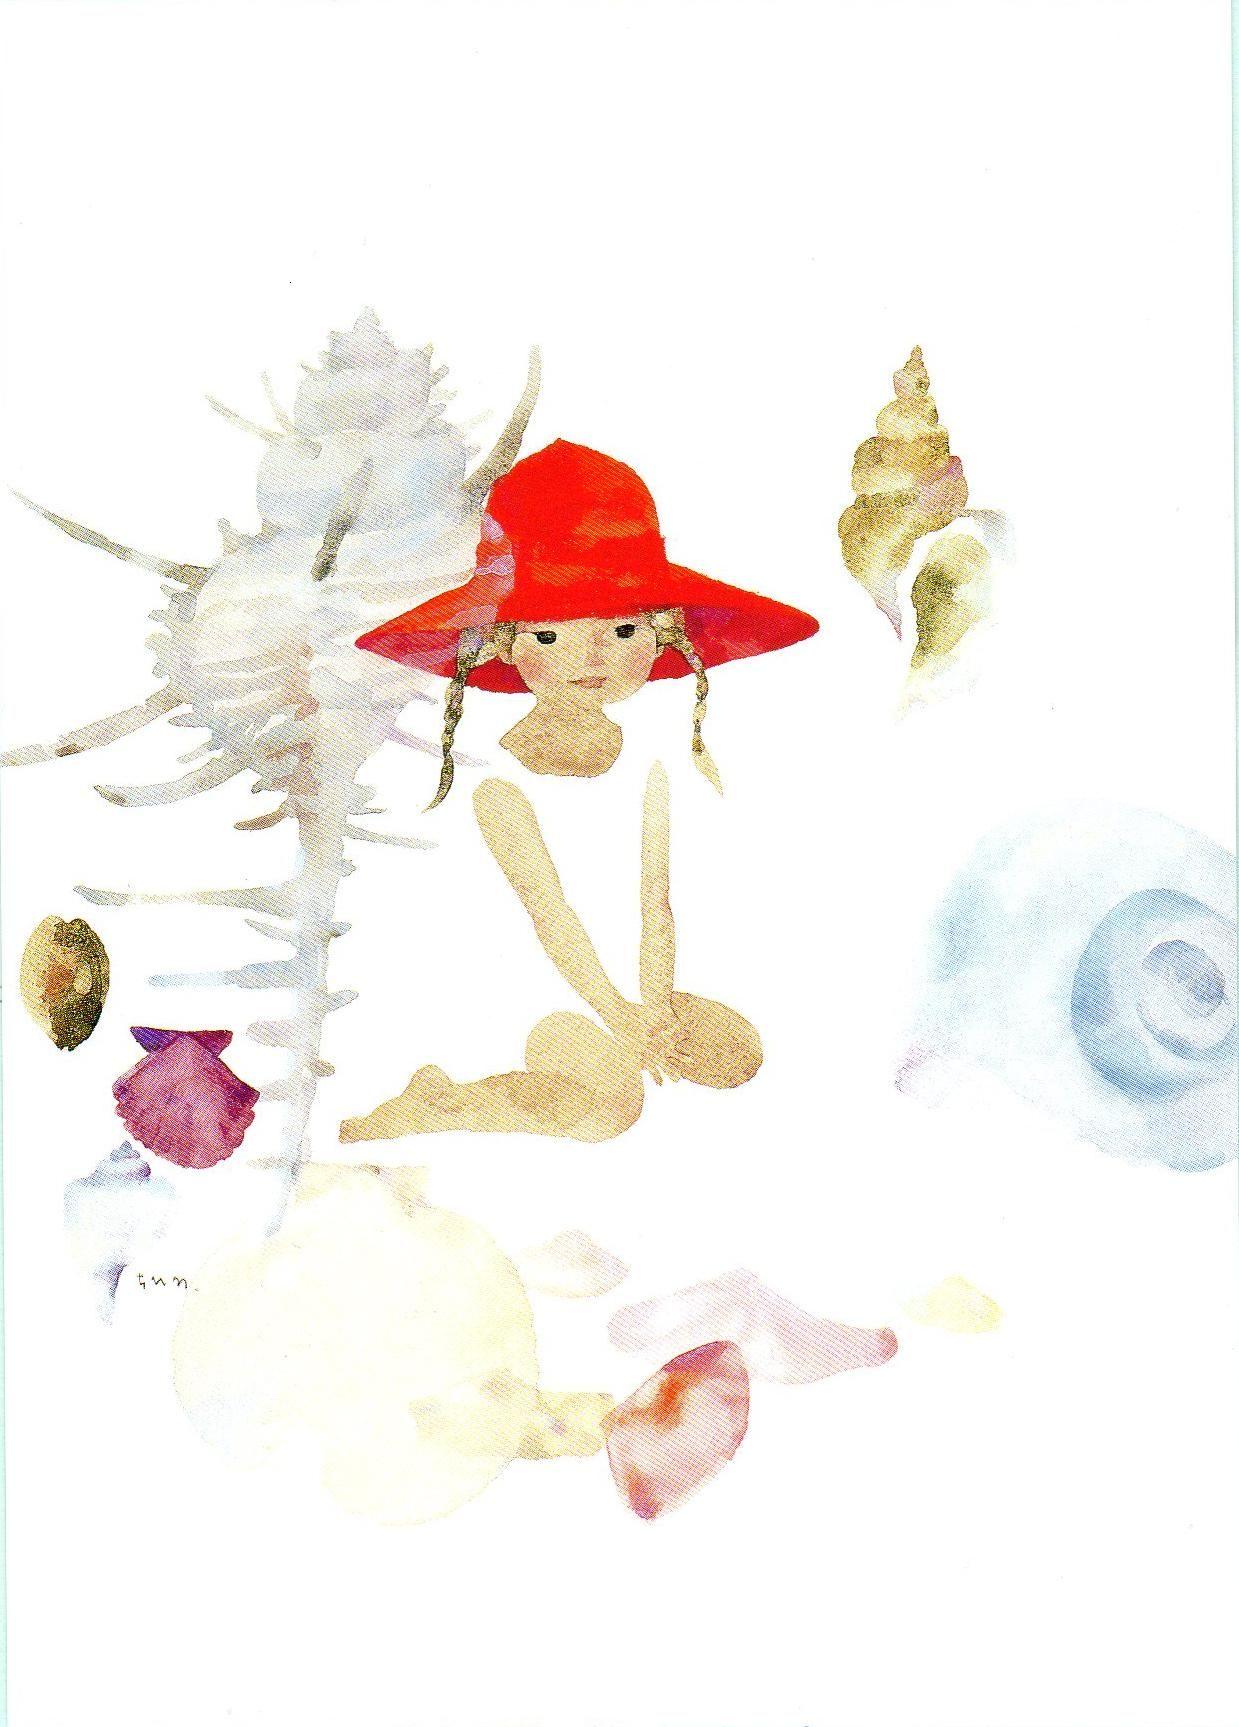 貝がらと赤い帽子の少女 いわさきちひろ Chihiro Iwasaki